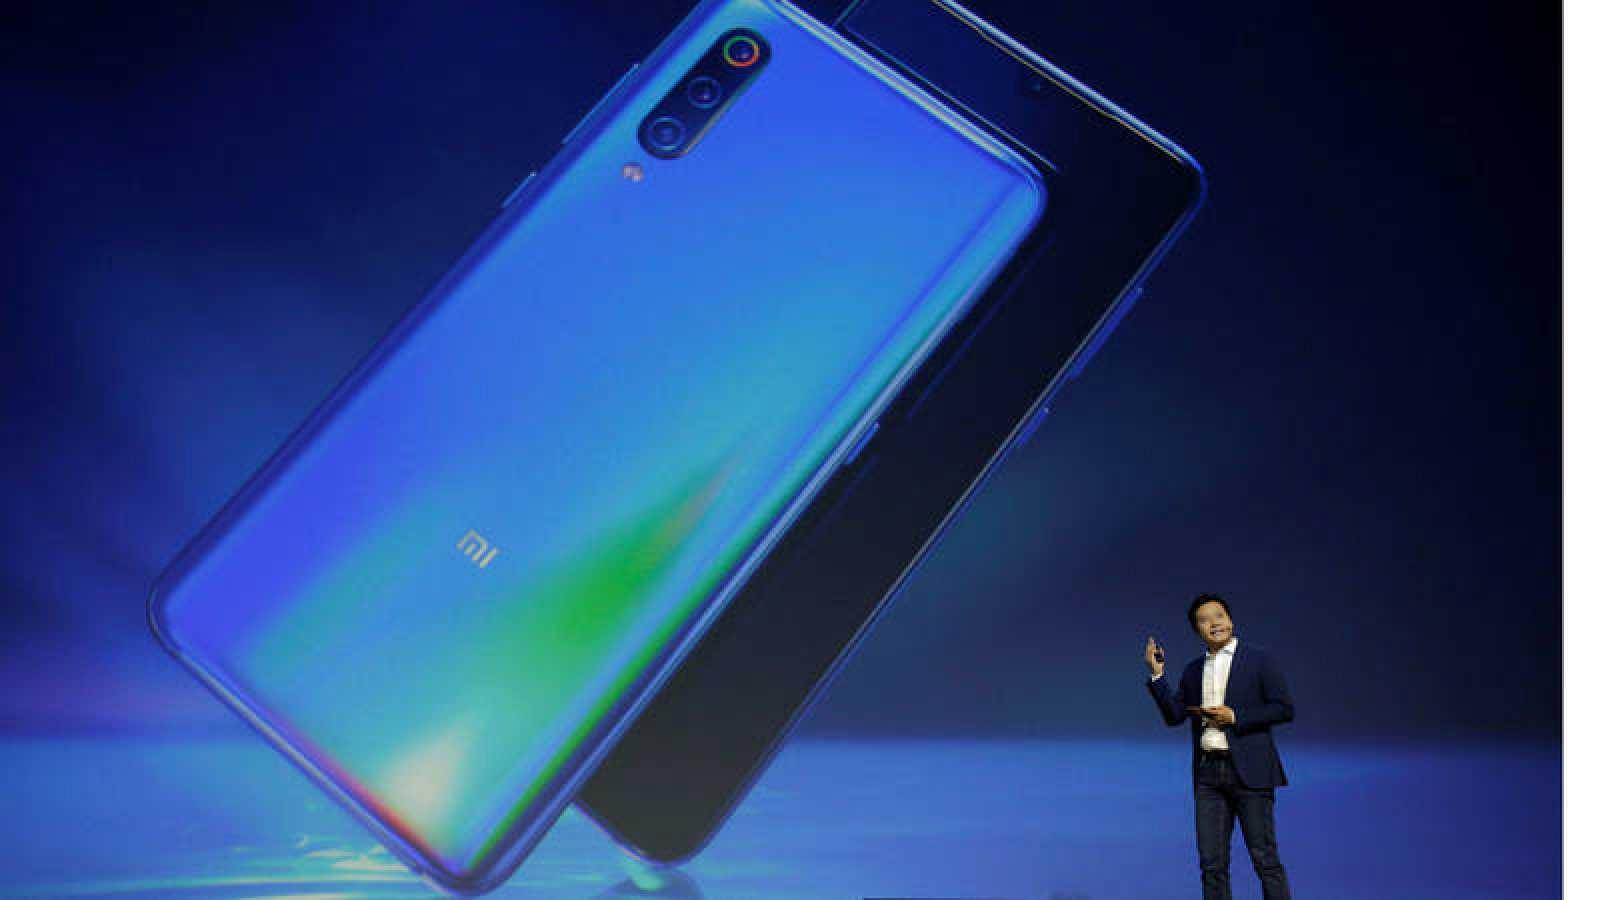 El fundador y CEO de la empresa tecnológica Xiaomi, Lei Jun, presentando el nuevo teléfono inteligente Xiaomi Mi 9 en Pekín